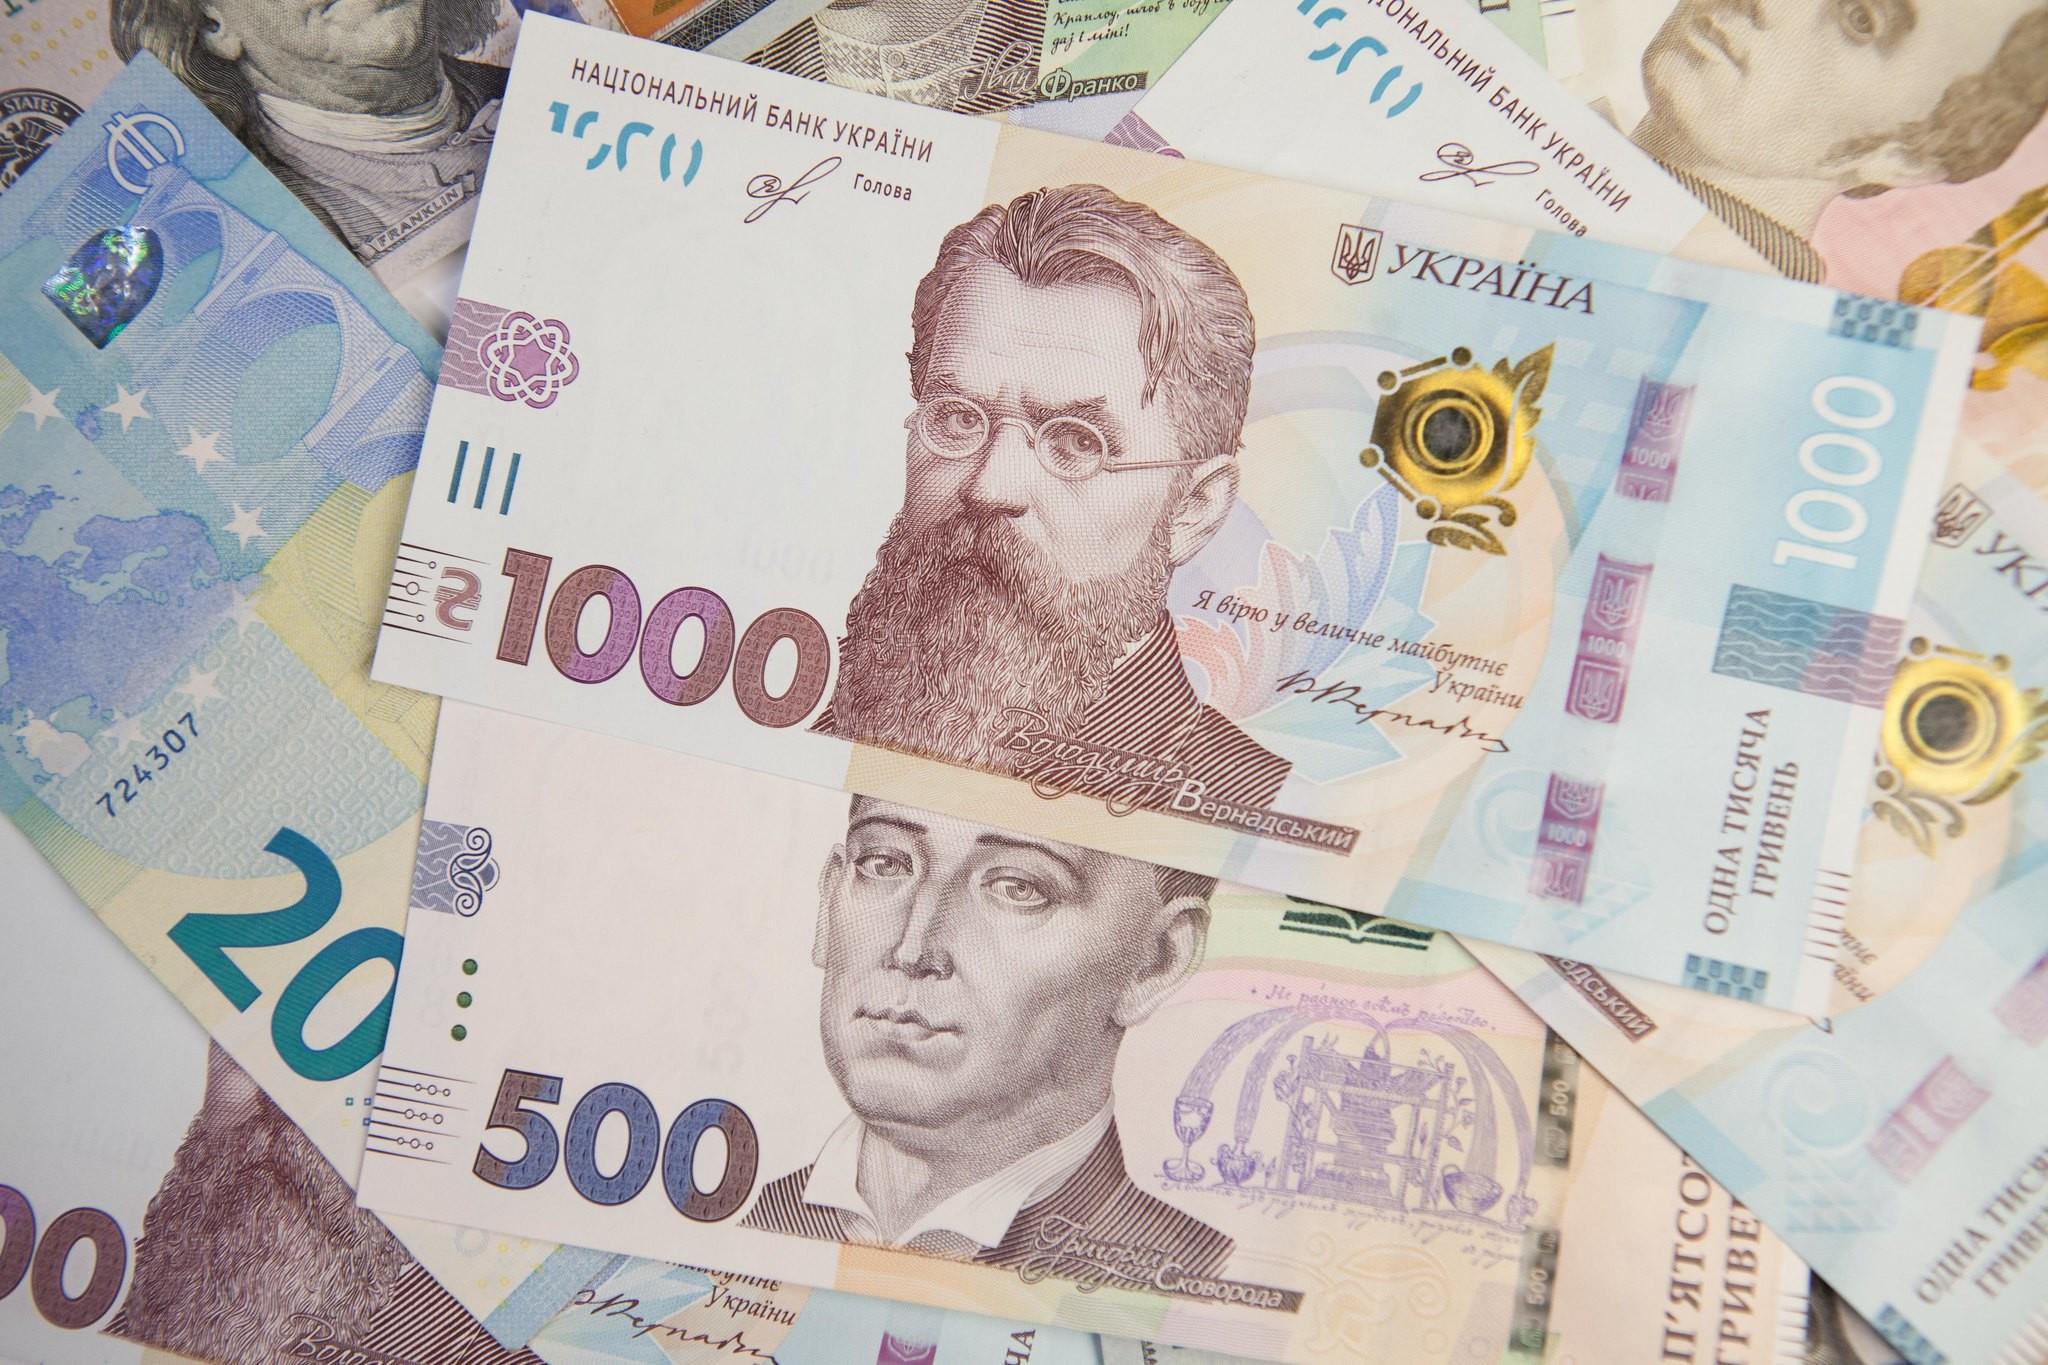 Банкноты украинской гривны